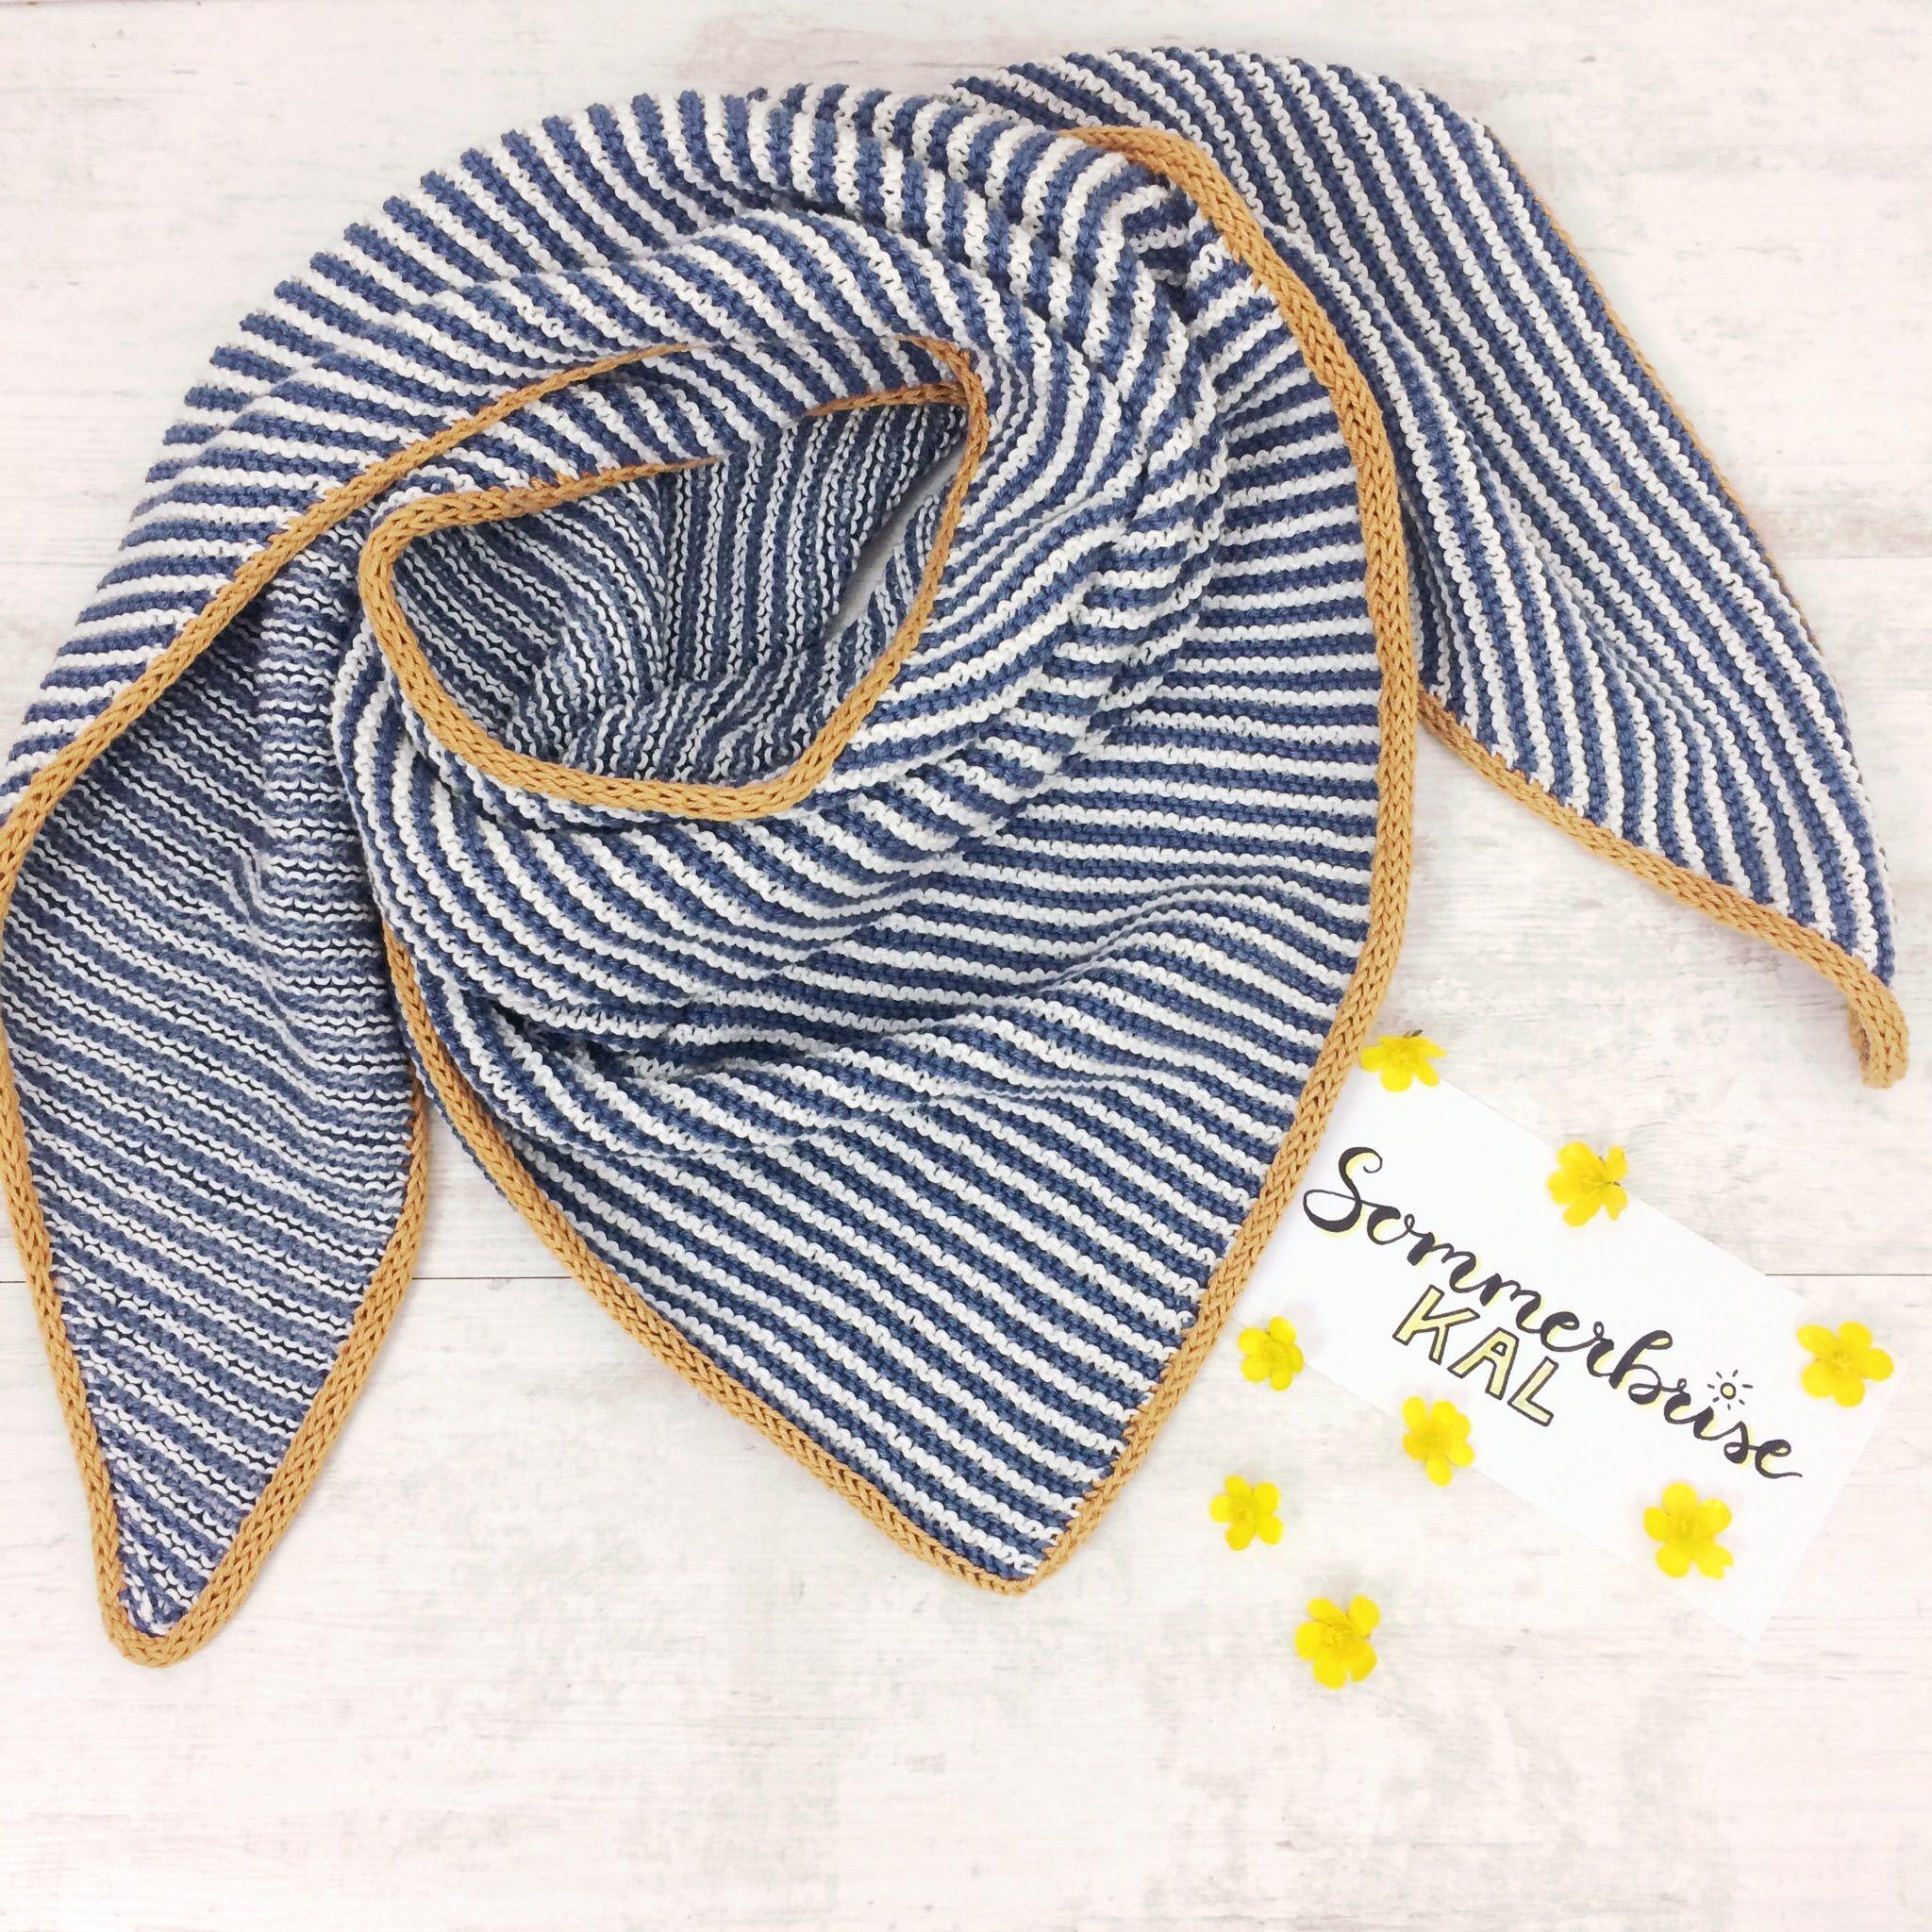 Dreieckstuch Sommerbrise Catania Schachenmayr Gratisanleitung stricken #scarves